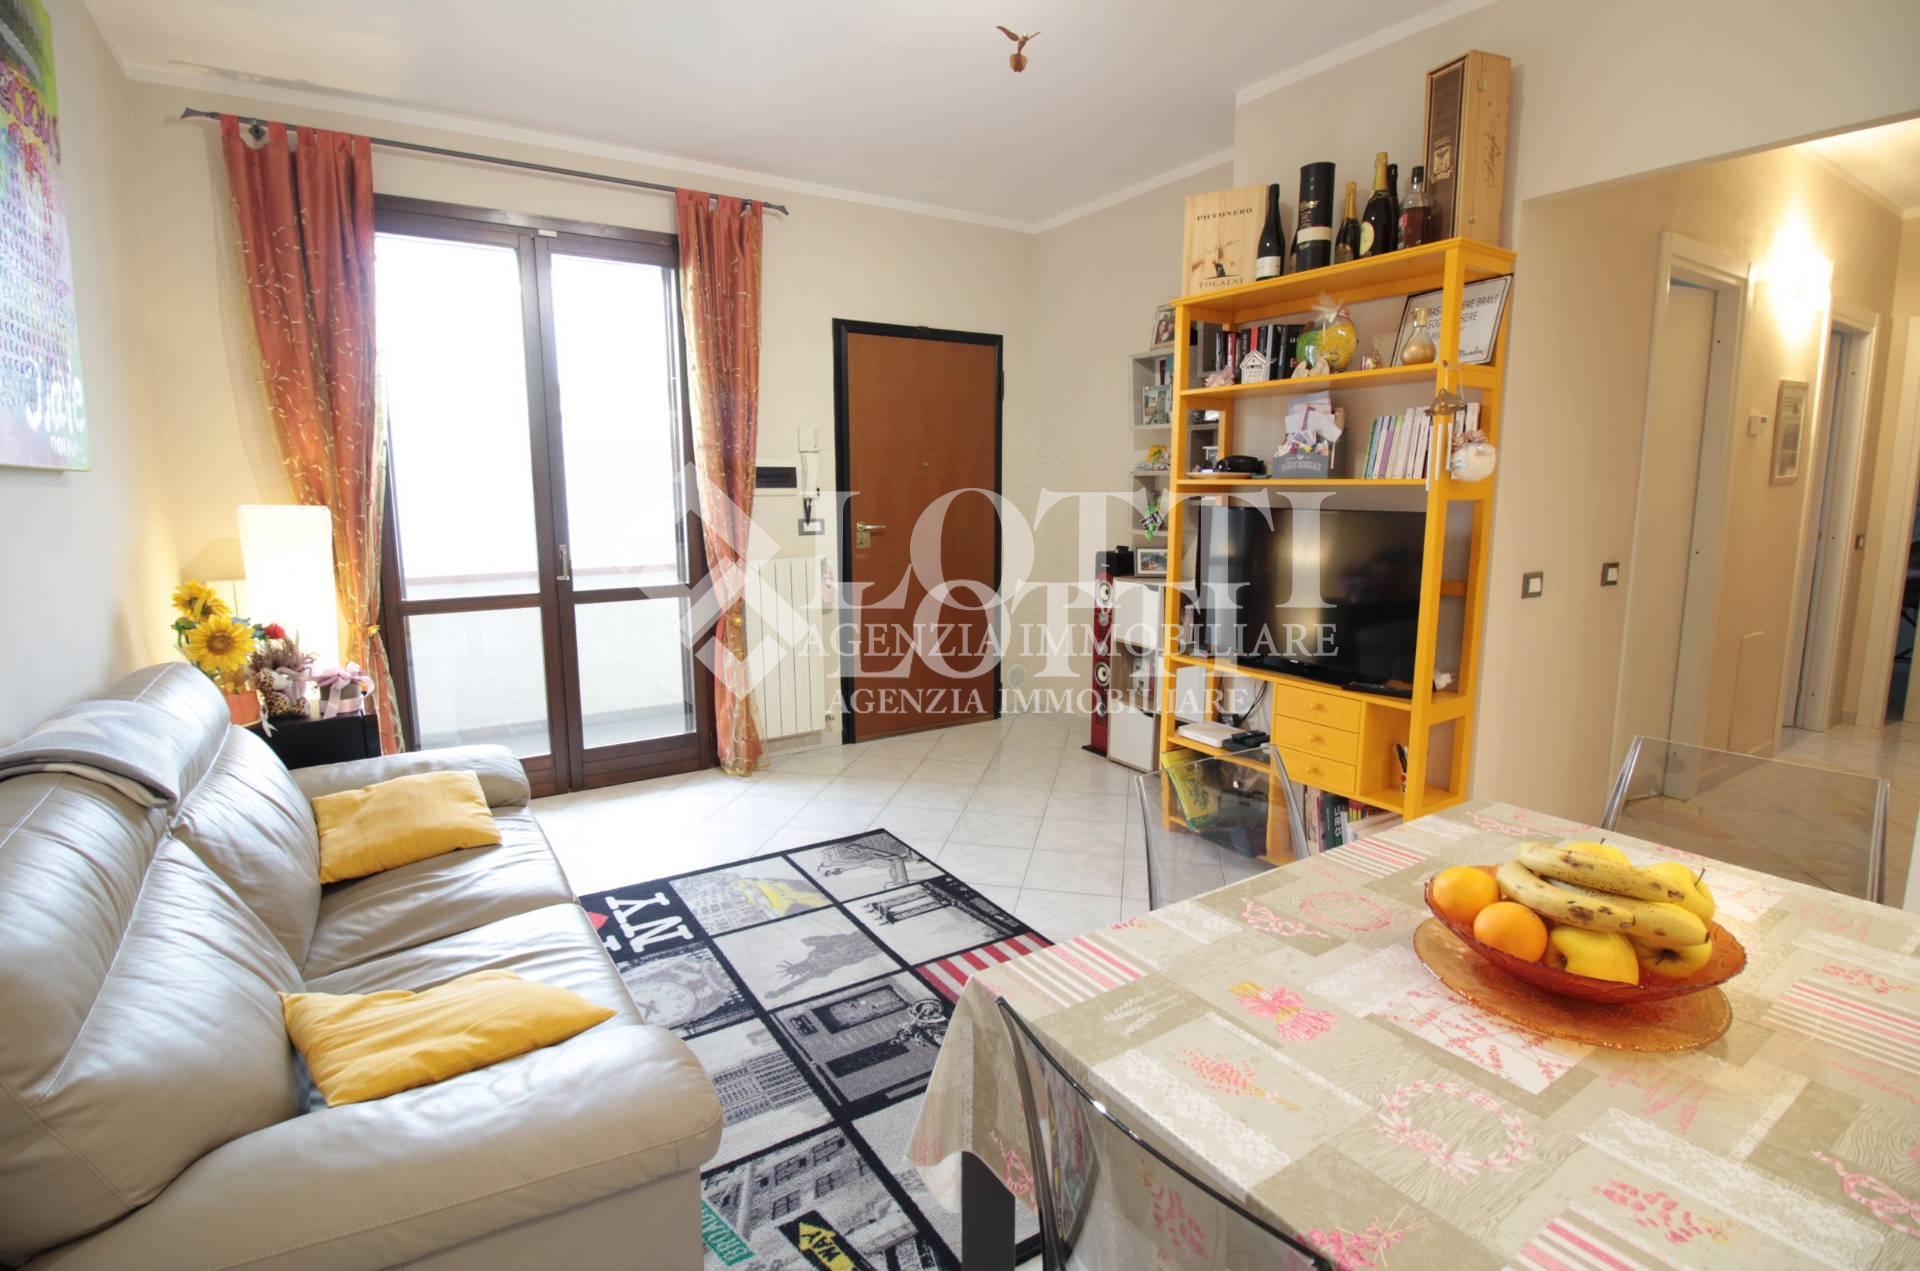 Appartamento in vendita, rif. 449